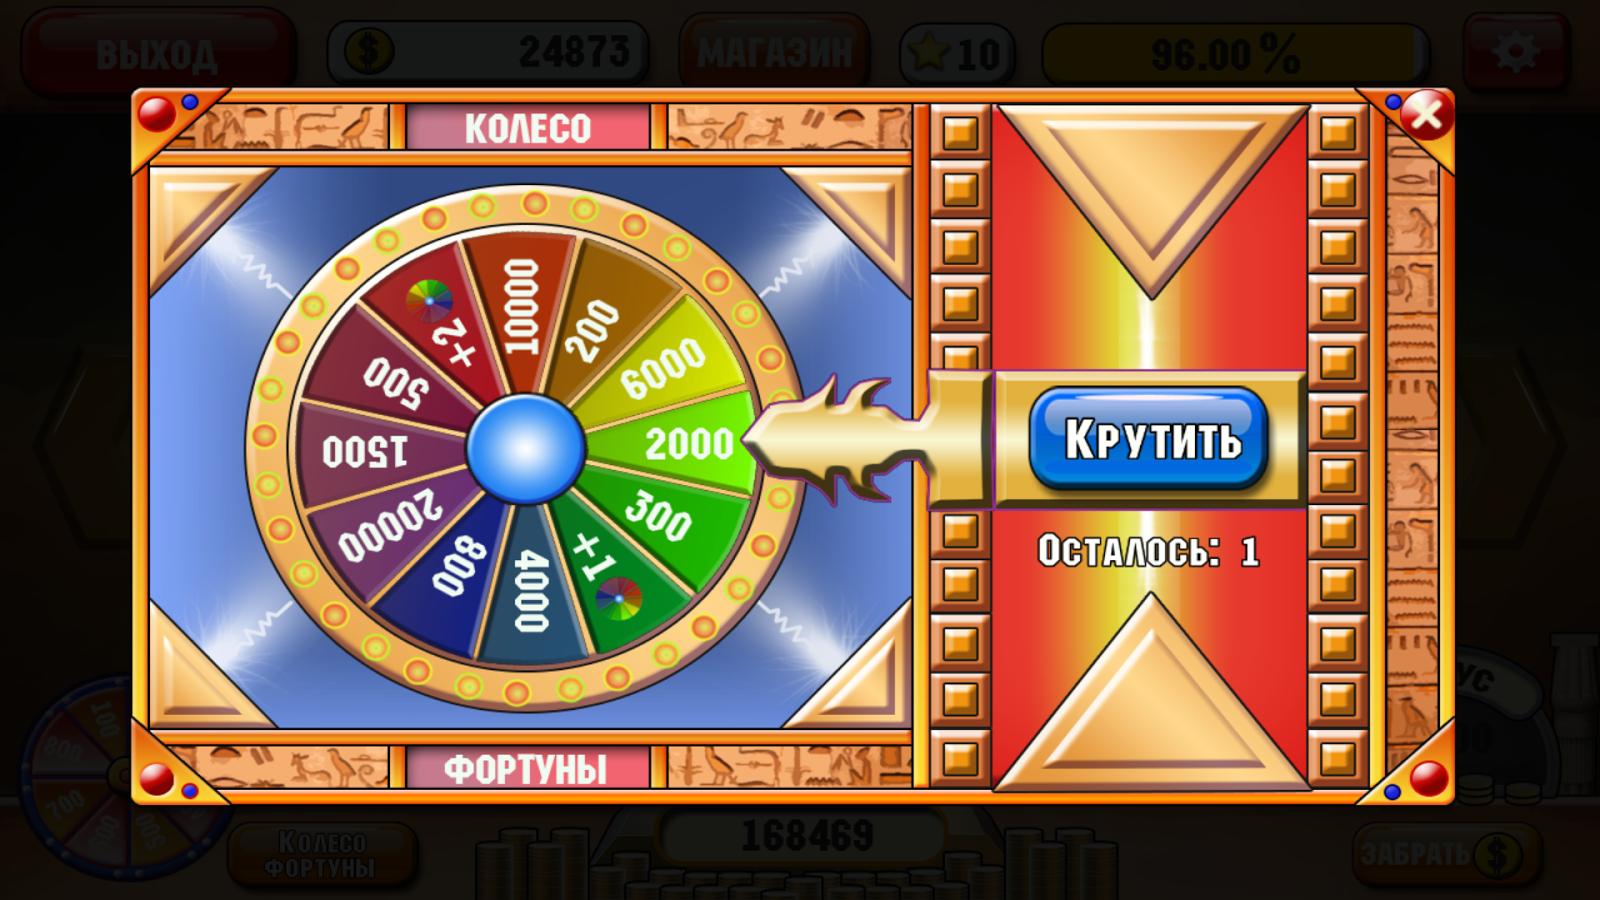 Игровые автоматы играть бесплатно мумия с бонусами играть карты дурак на 4 человека